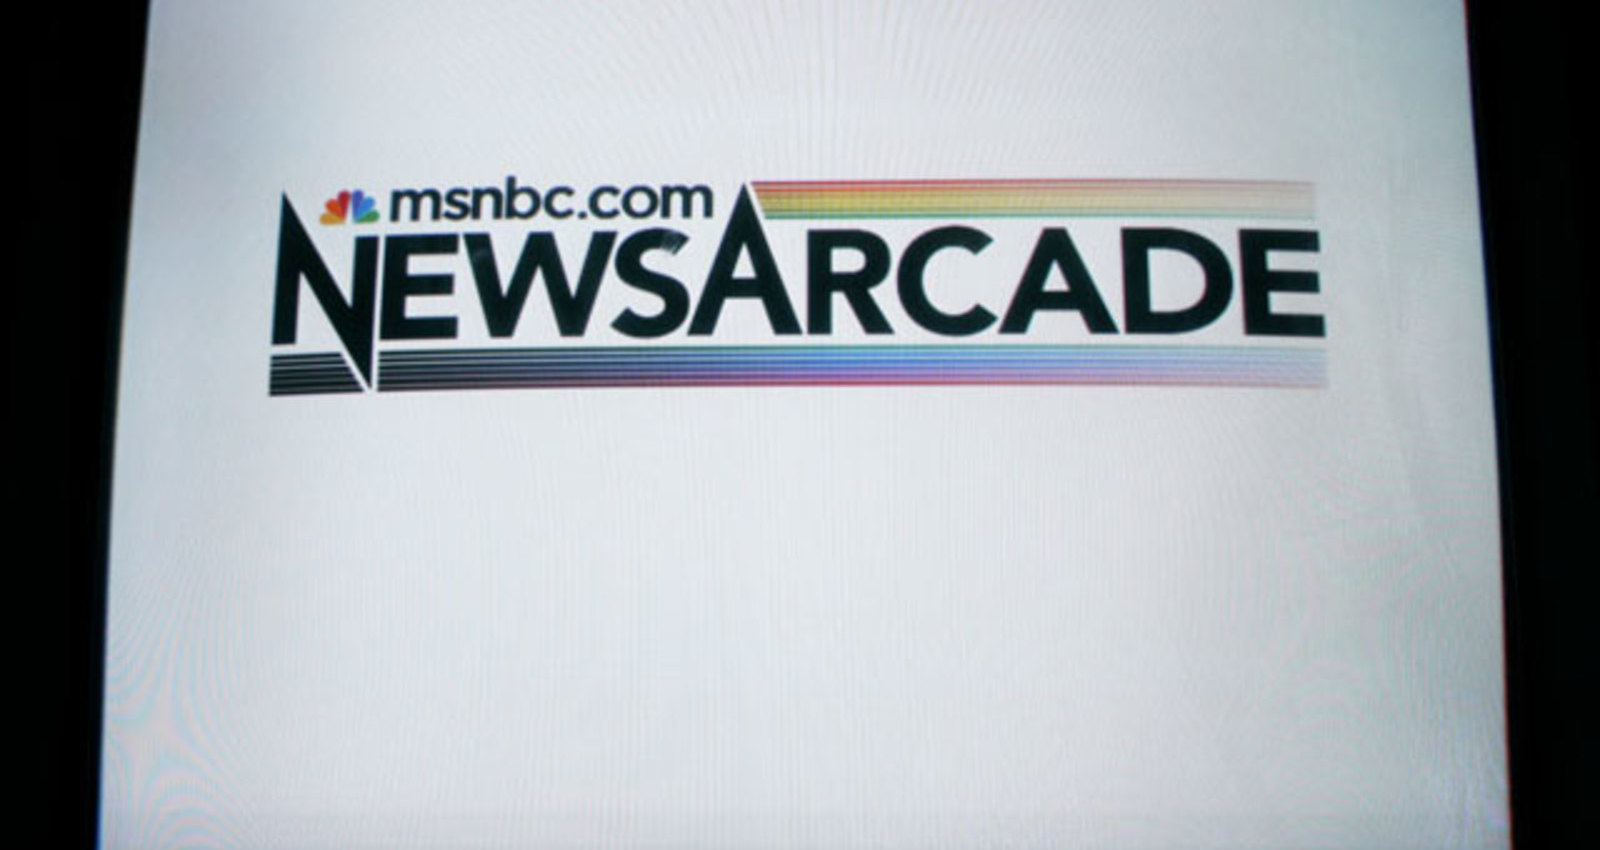 NewsArcade